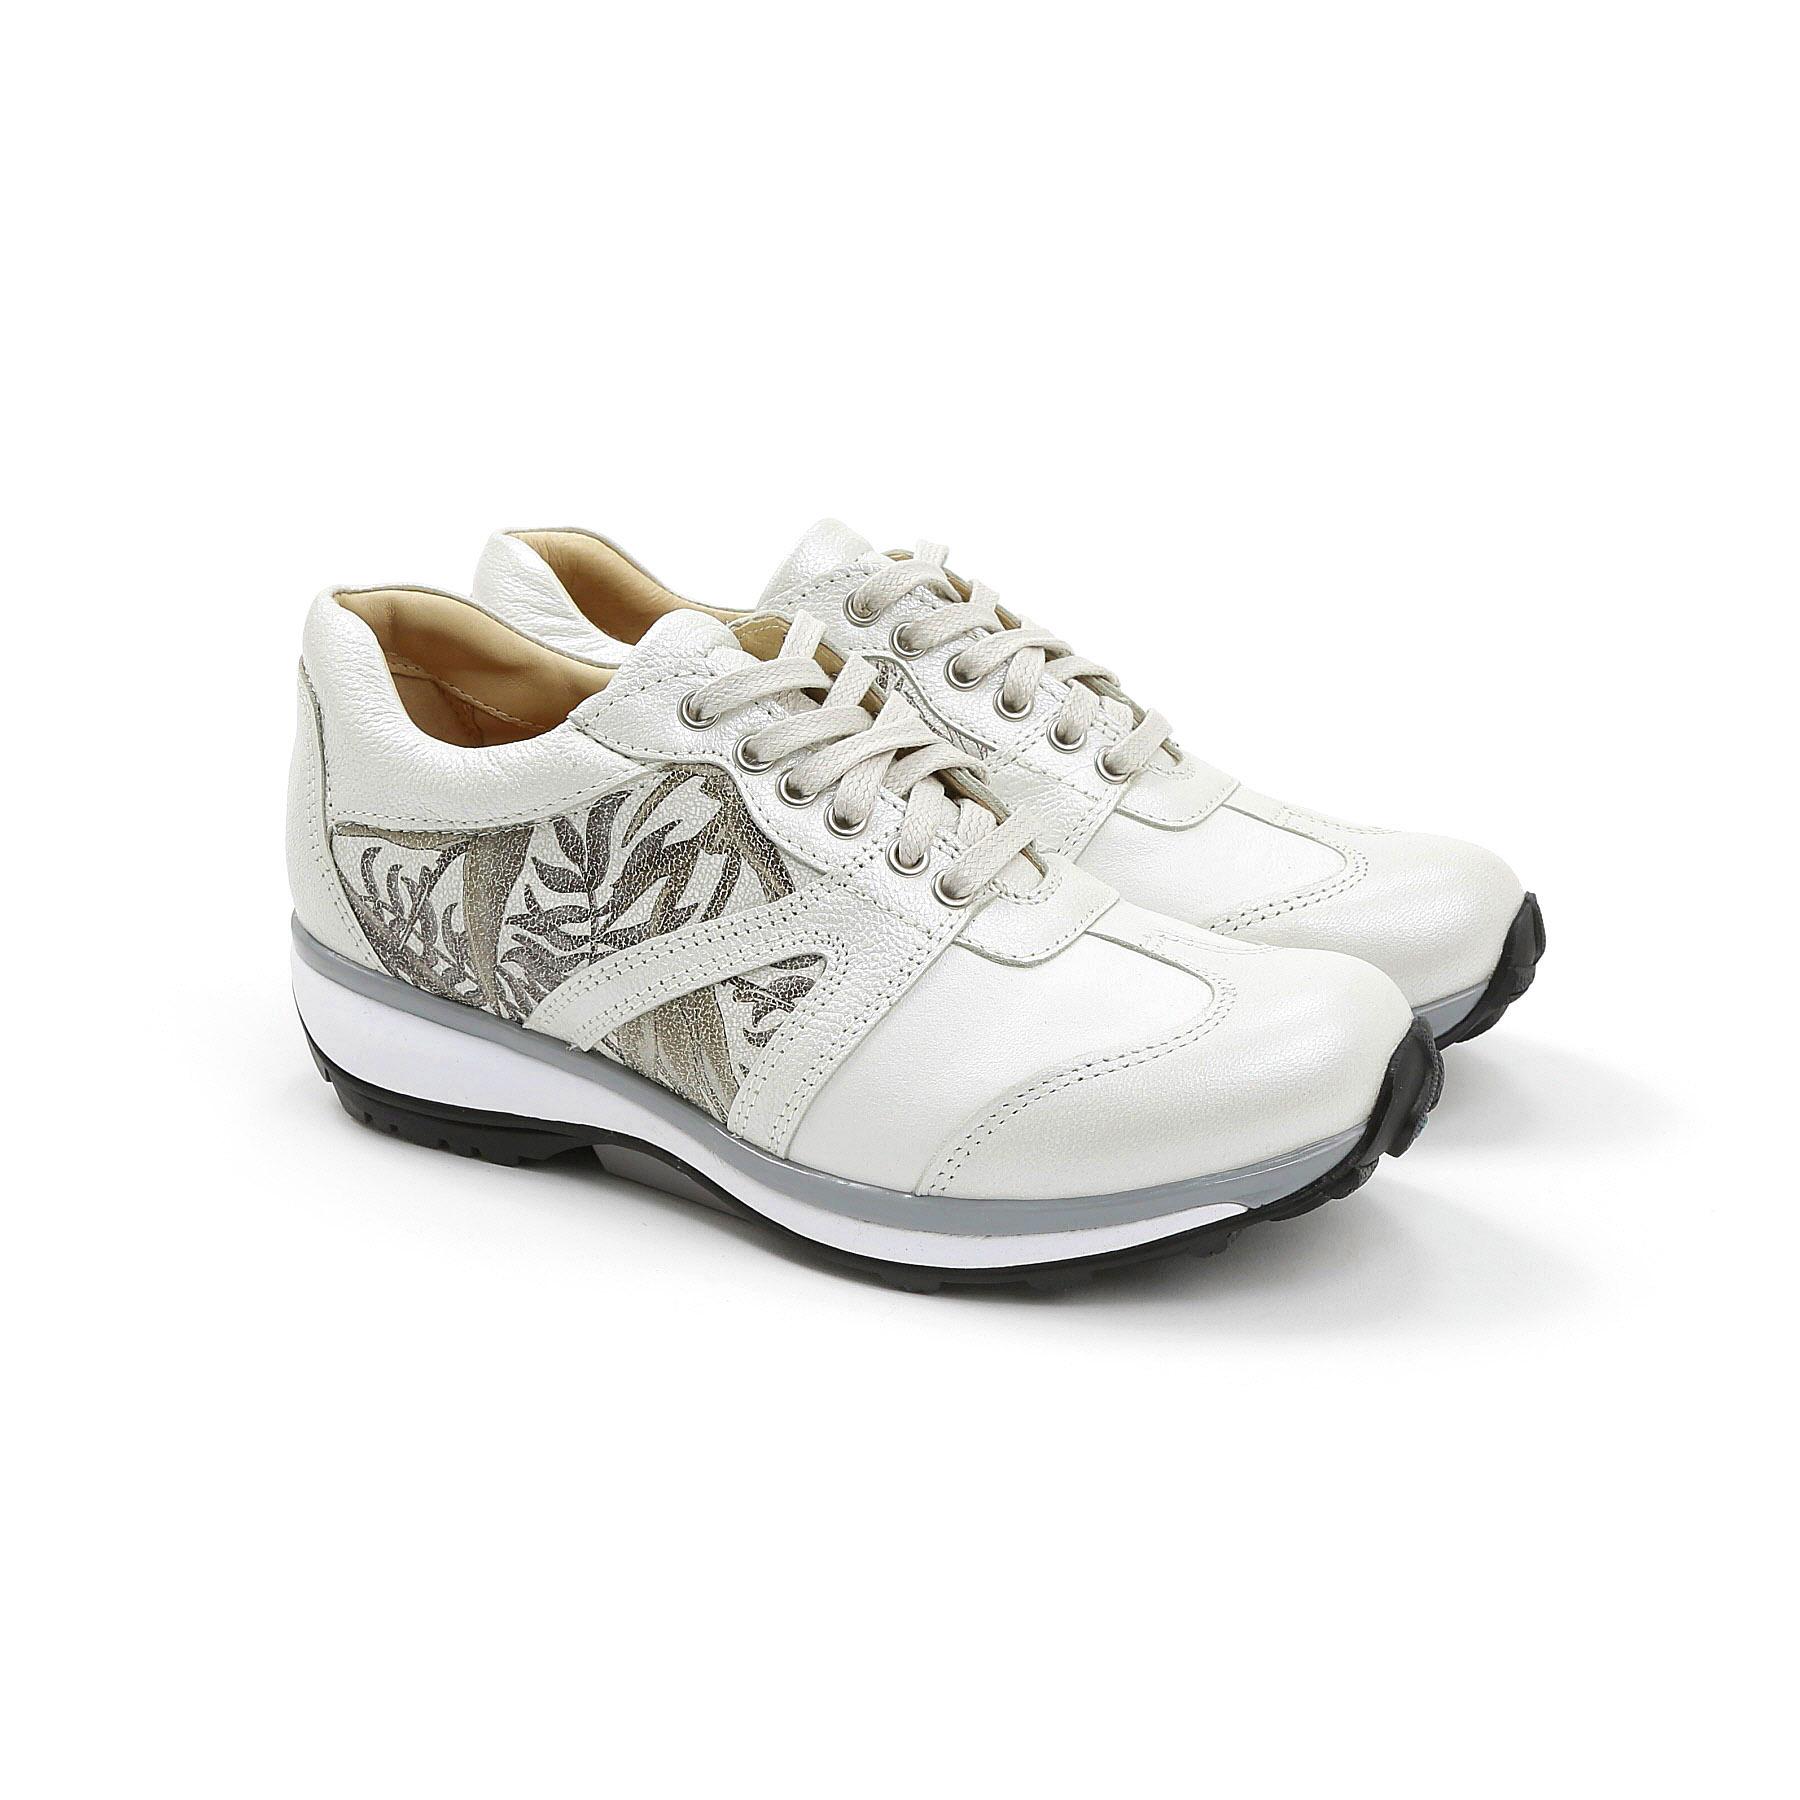 Chaussures De Sport Milano 30024 Blanc Pur Nouveau Style cIDxNbgo